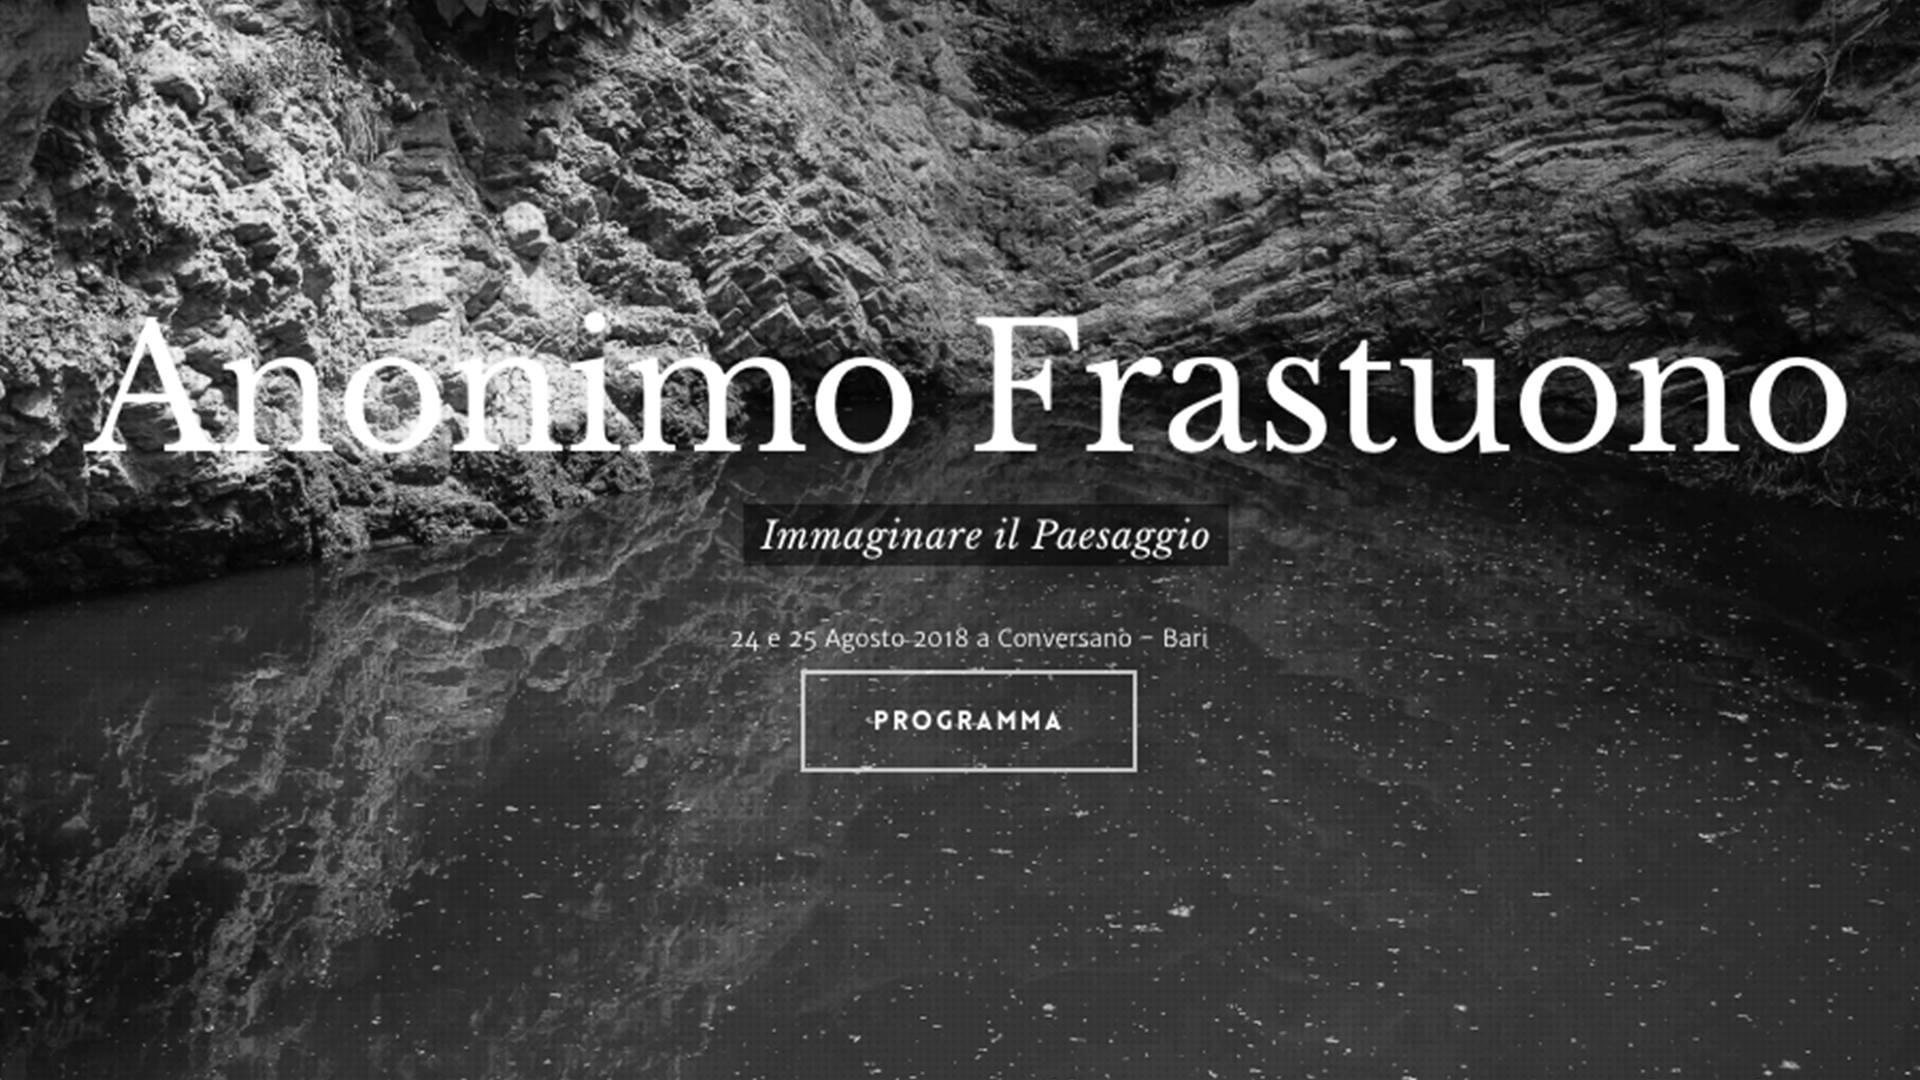 Anonimo Frastuono | Immaginare il Paesaggio | 24 25 Agosto a Conversano